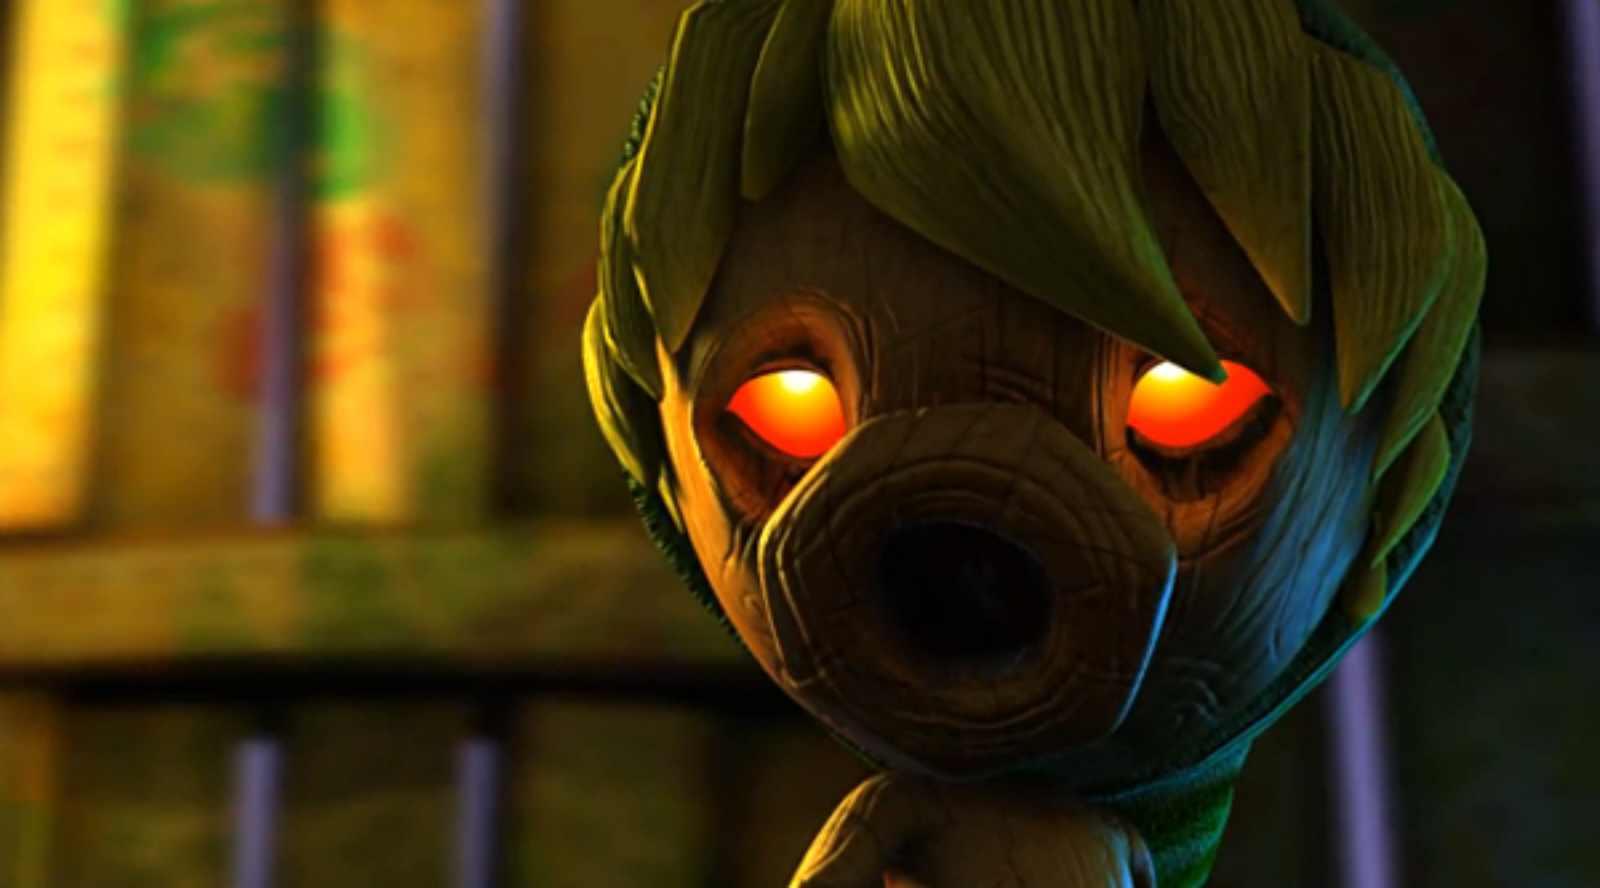 Majora's Mask kink